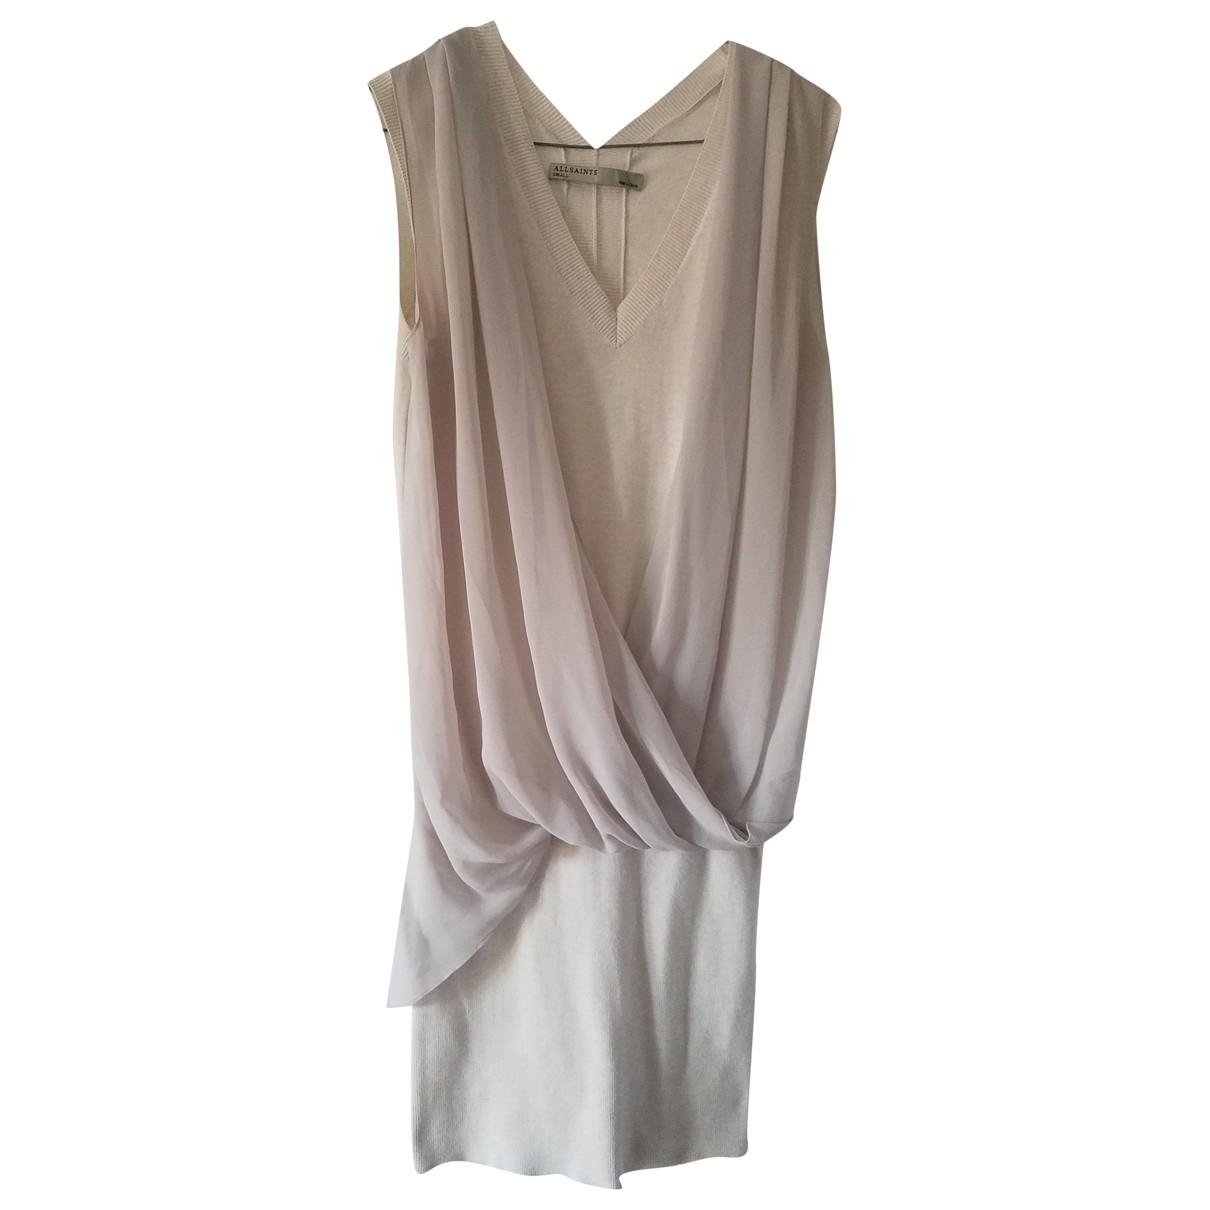 All Saints \N Kleid in  Beige Baumwolle - Elasthan